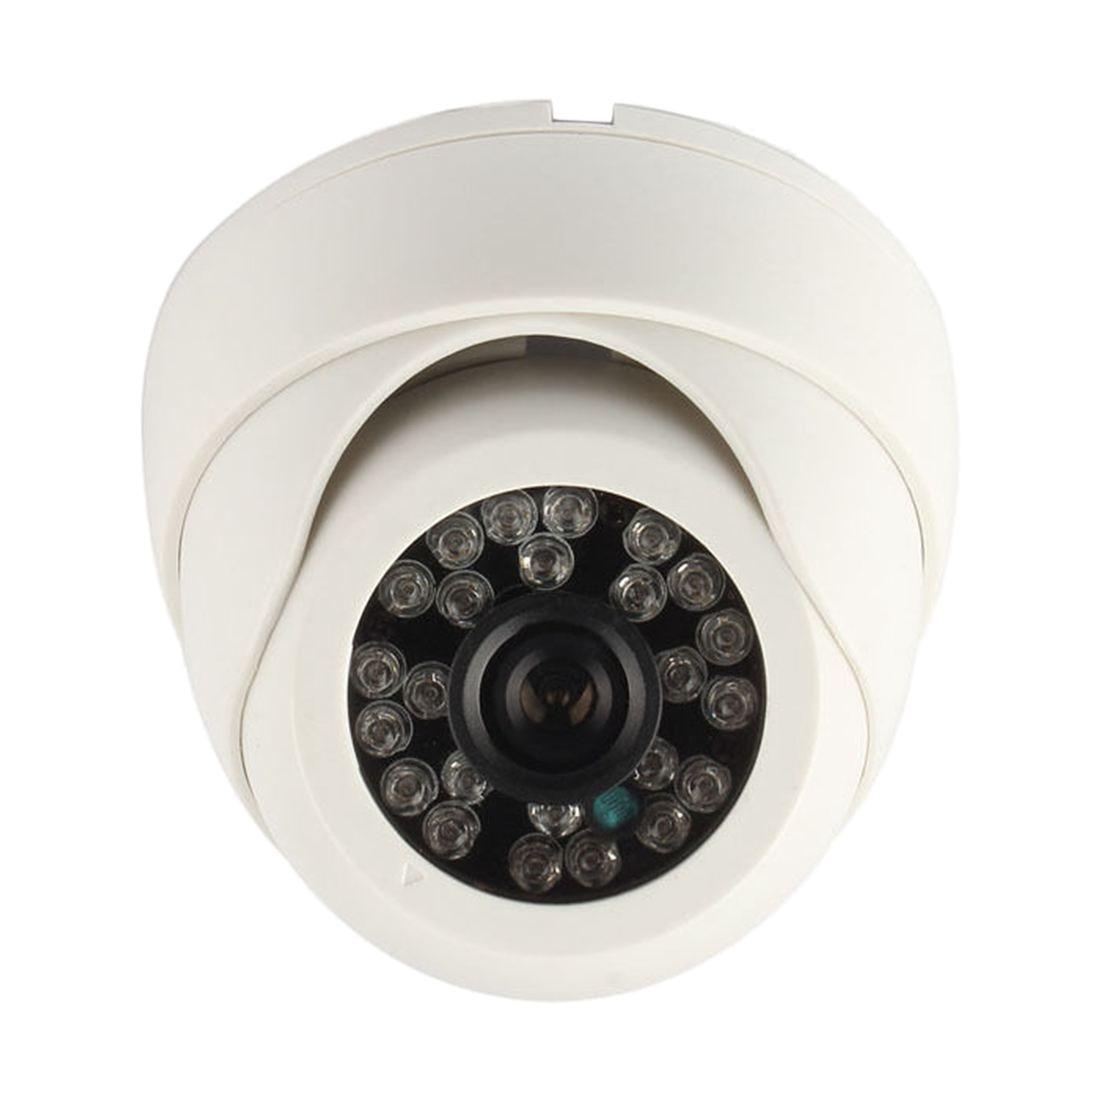 5 Packs 700TVL CMOS CCTV Surveillance Home Security 24IR Camera Dome Day Night VisionTelevision Standards:PAL 2 packs black surveillance camera pal 1 3 cmos 700tvl 24 led ir cut 3 6mm security indoor dome cctv camera